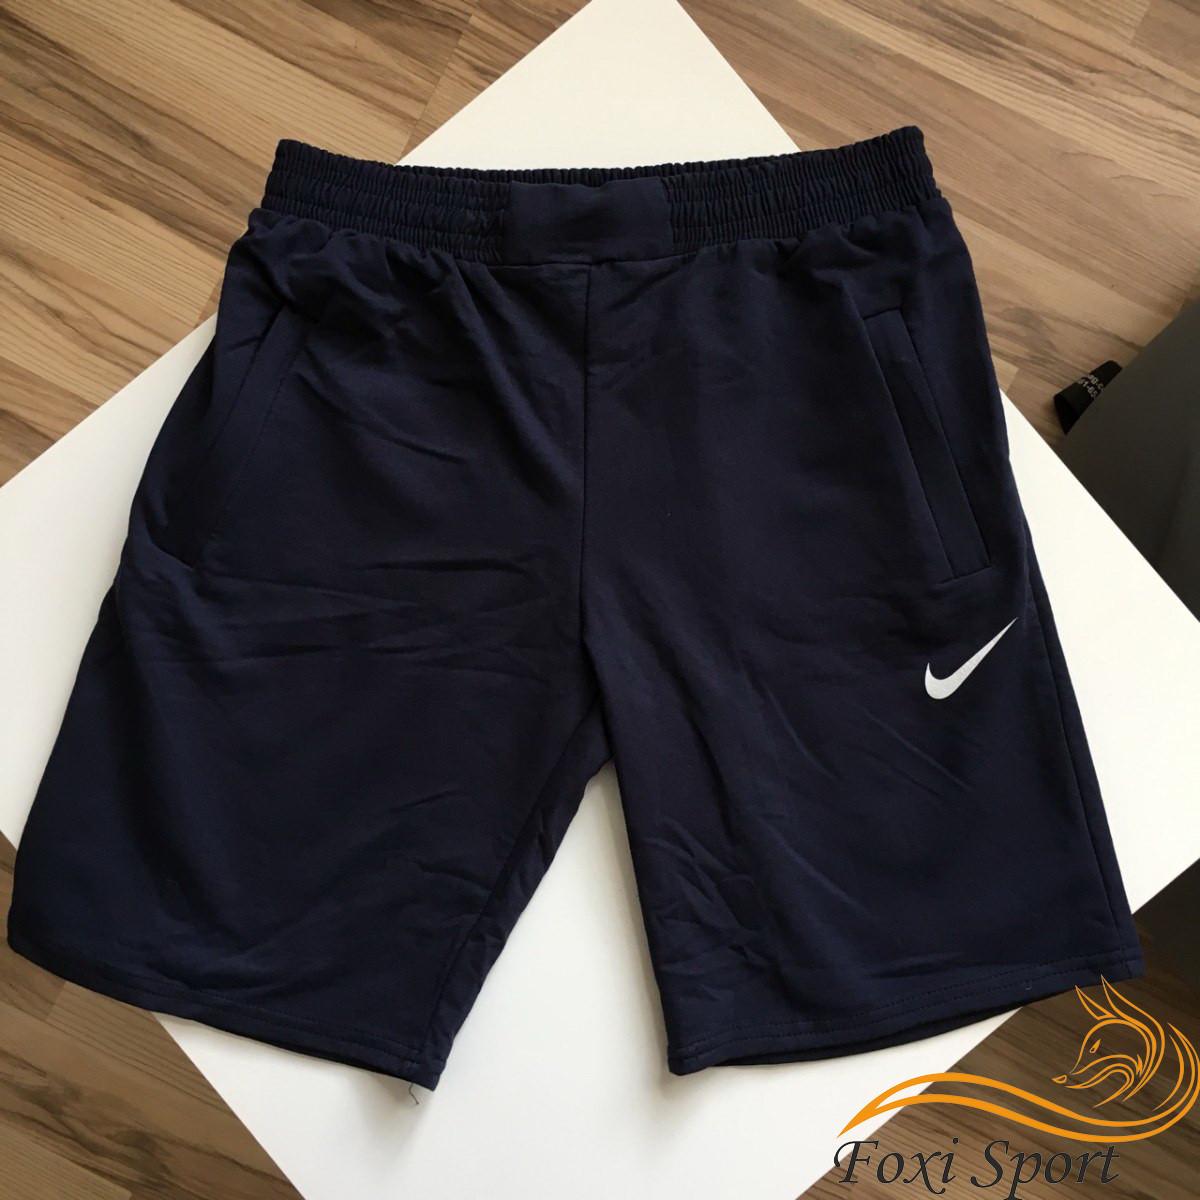 8130be8d Мужские спортивные шорты Nike (тёмно-синие) Реплика - Foxi Sport - Магазин  для